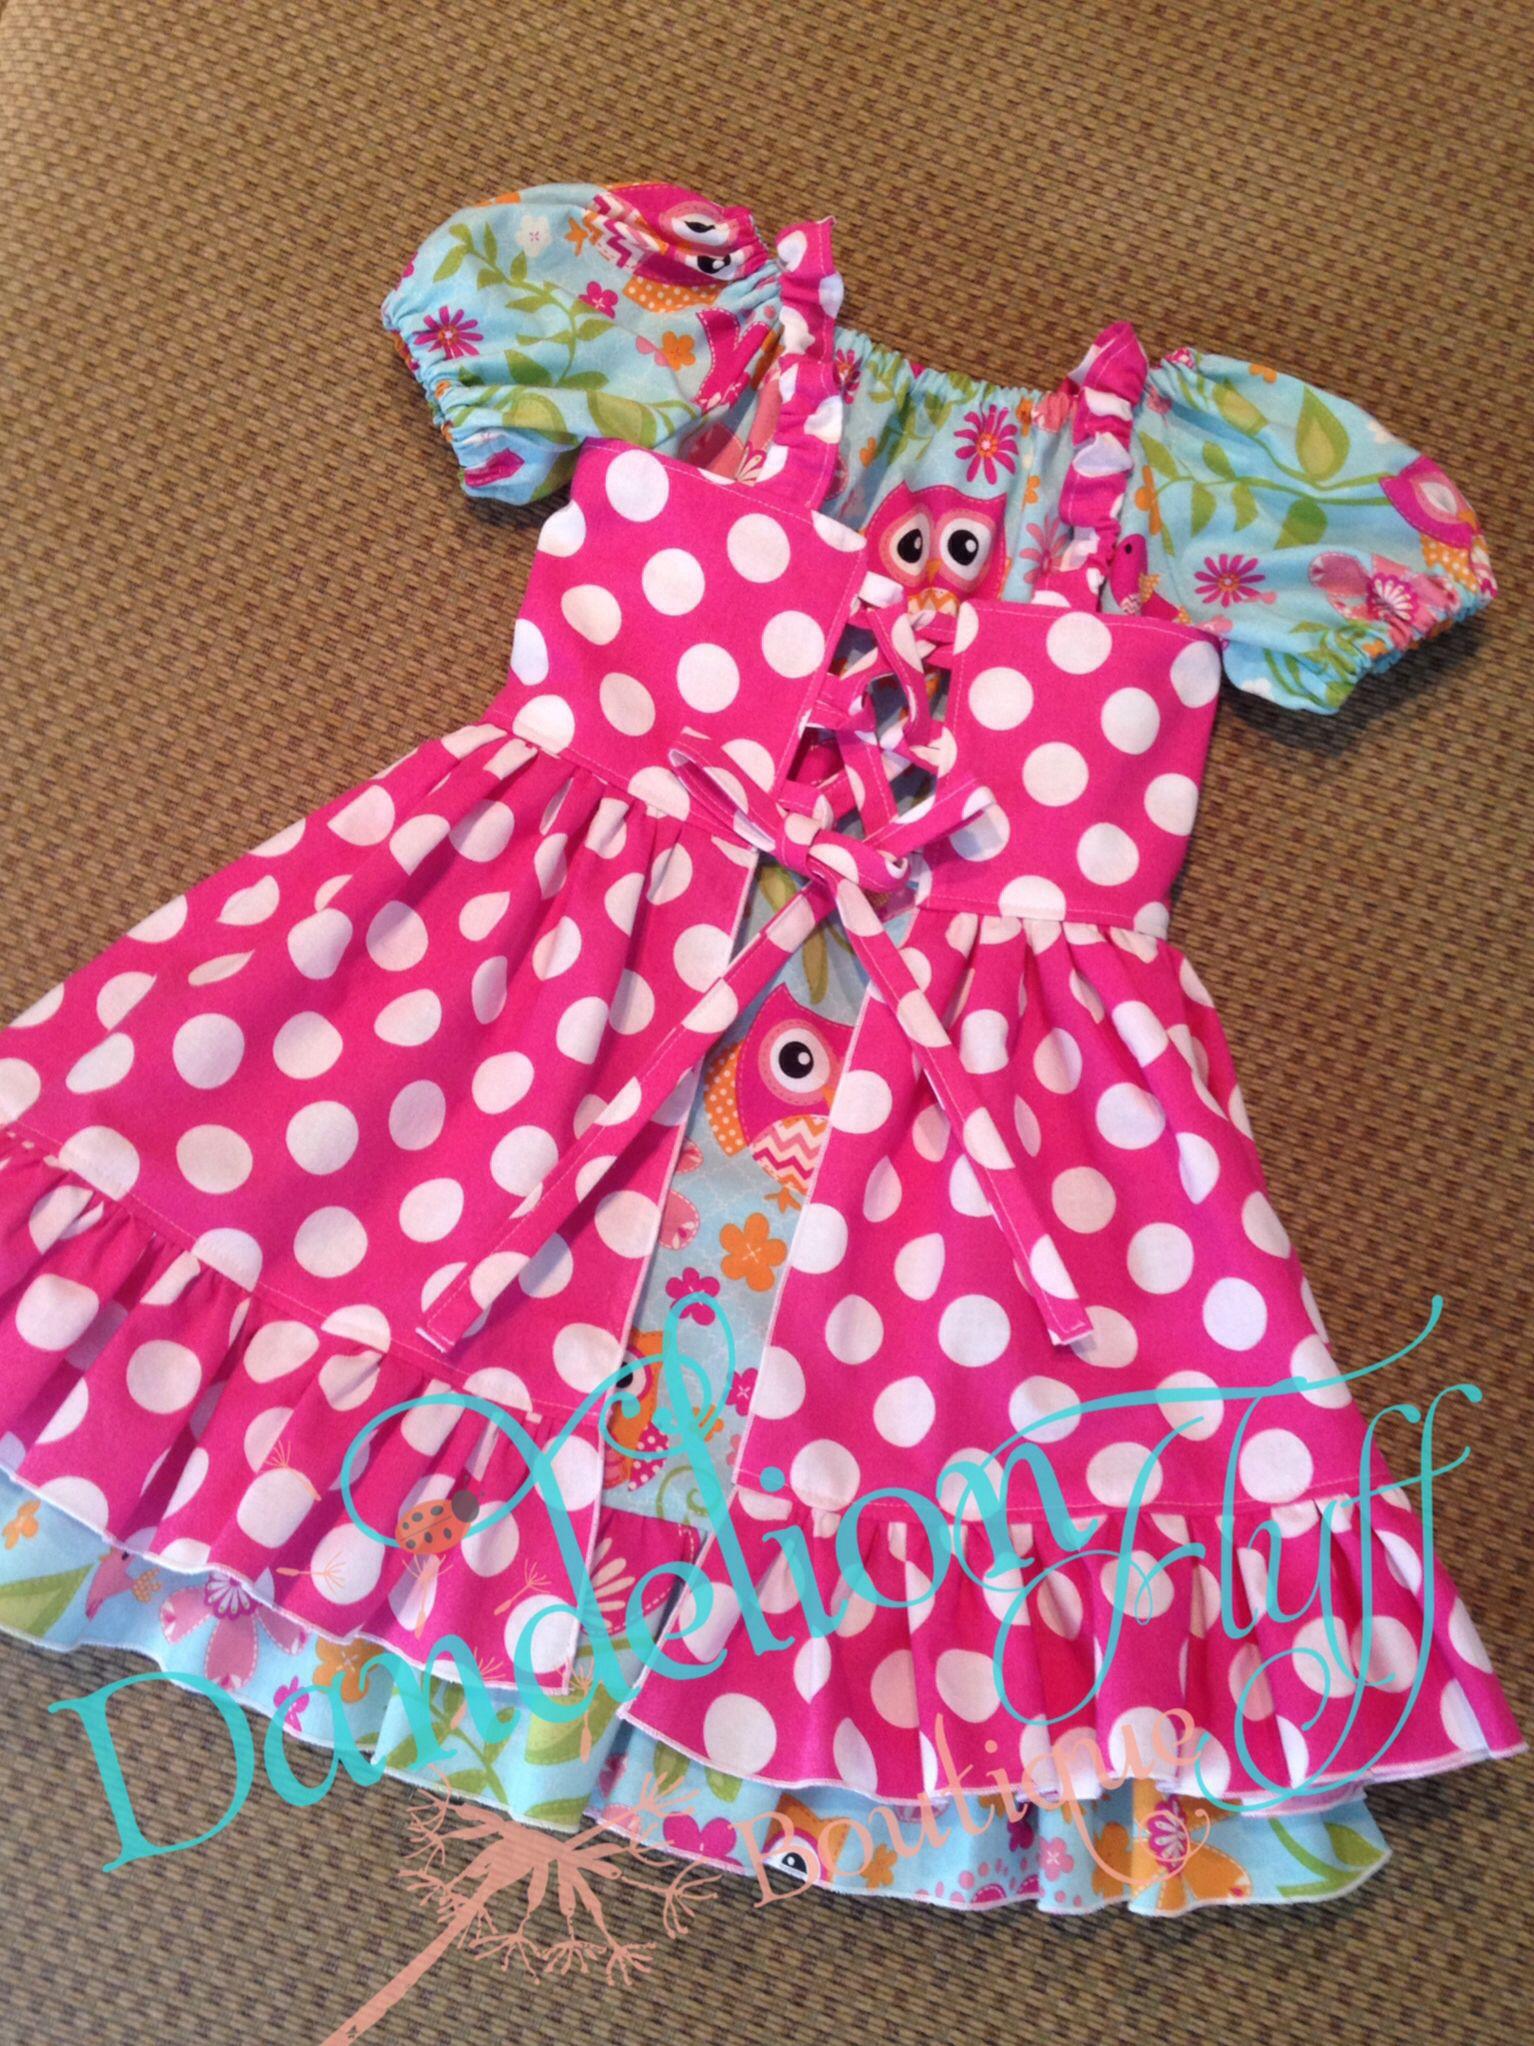 Dandelion Fluff Boutique corset top with peasant dress